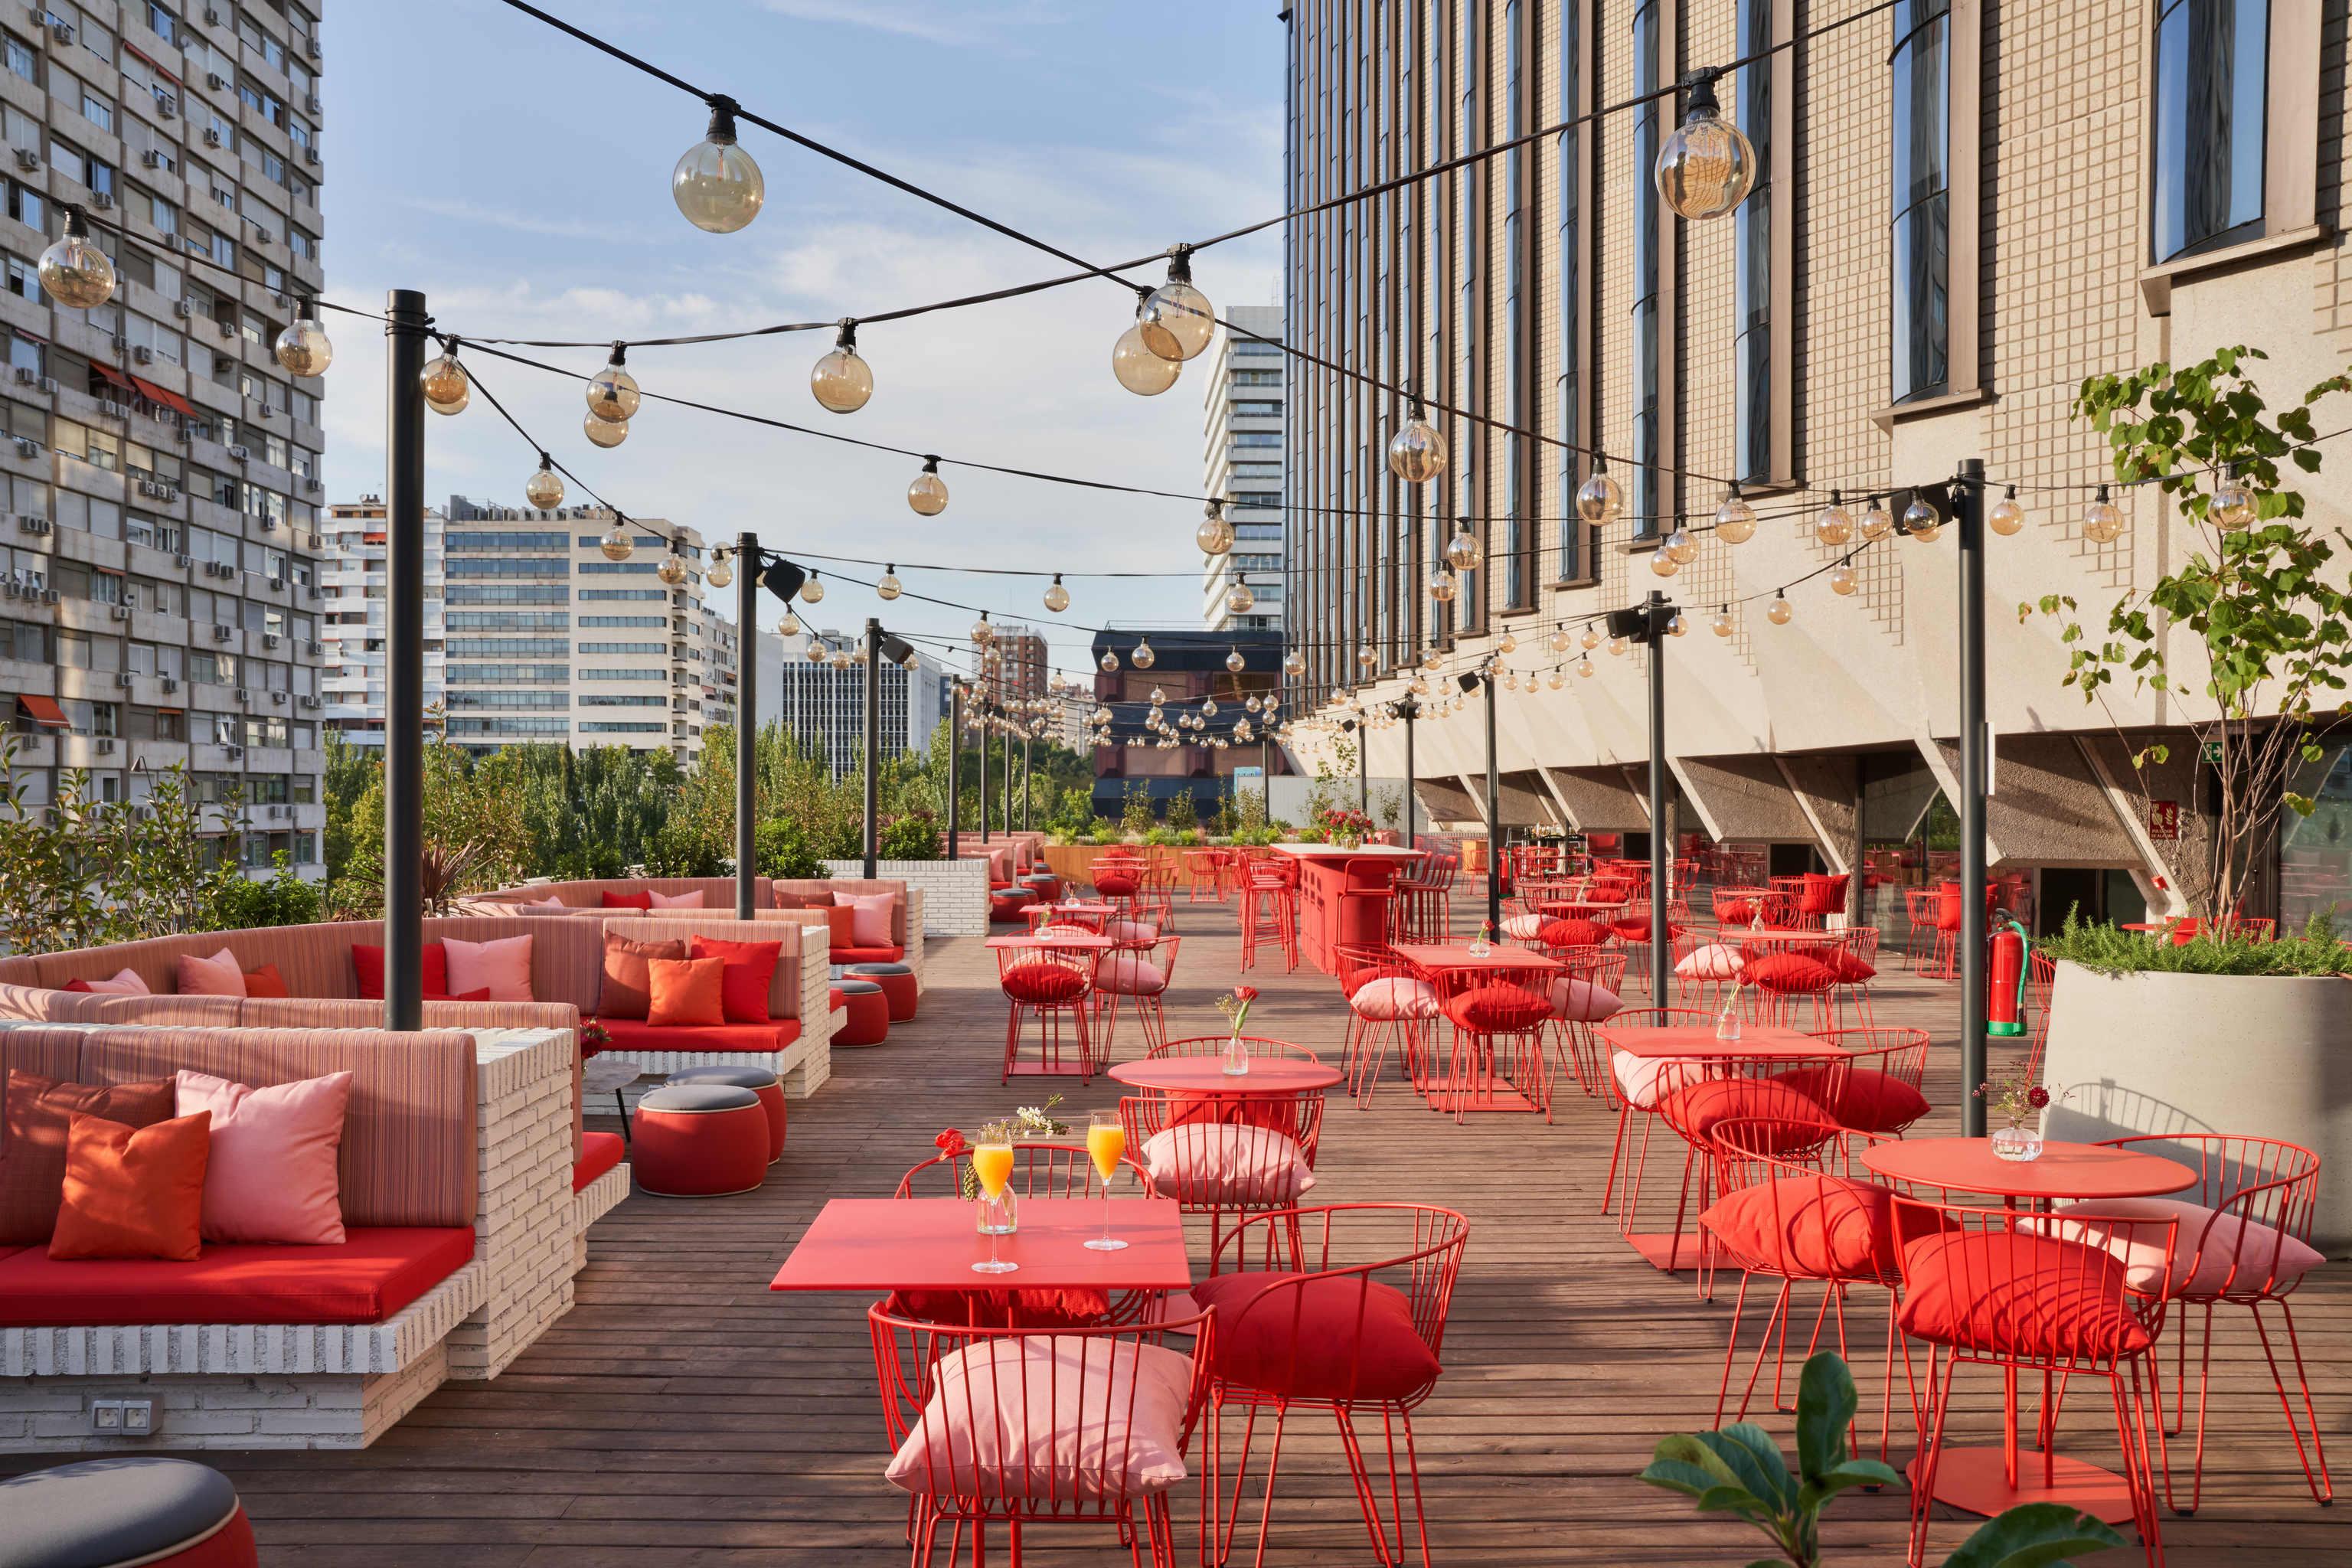 """Numerosas bombillas penden """"de Madrid al cielo"""" en la terraza de este hotel."""